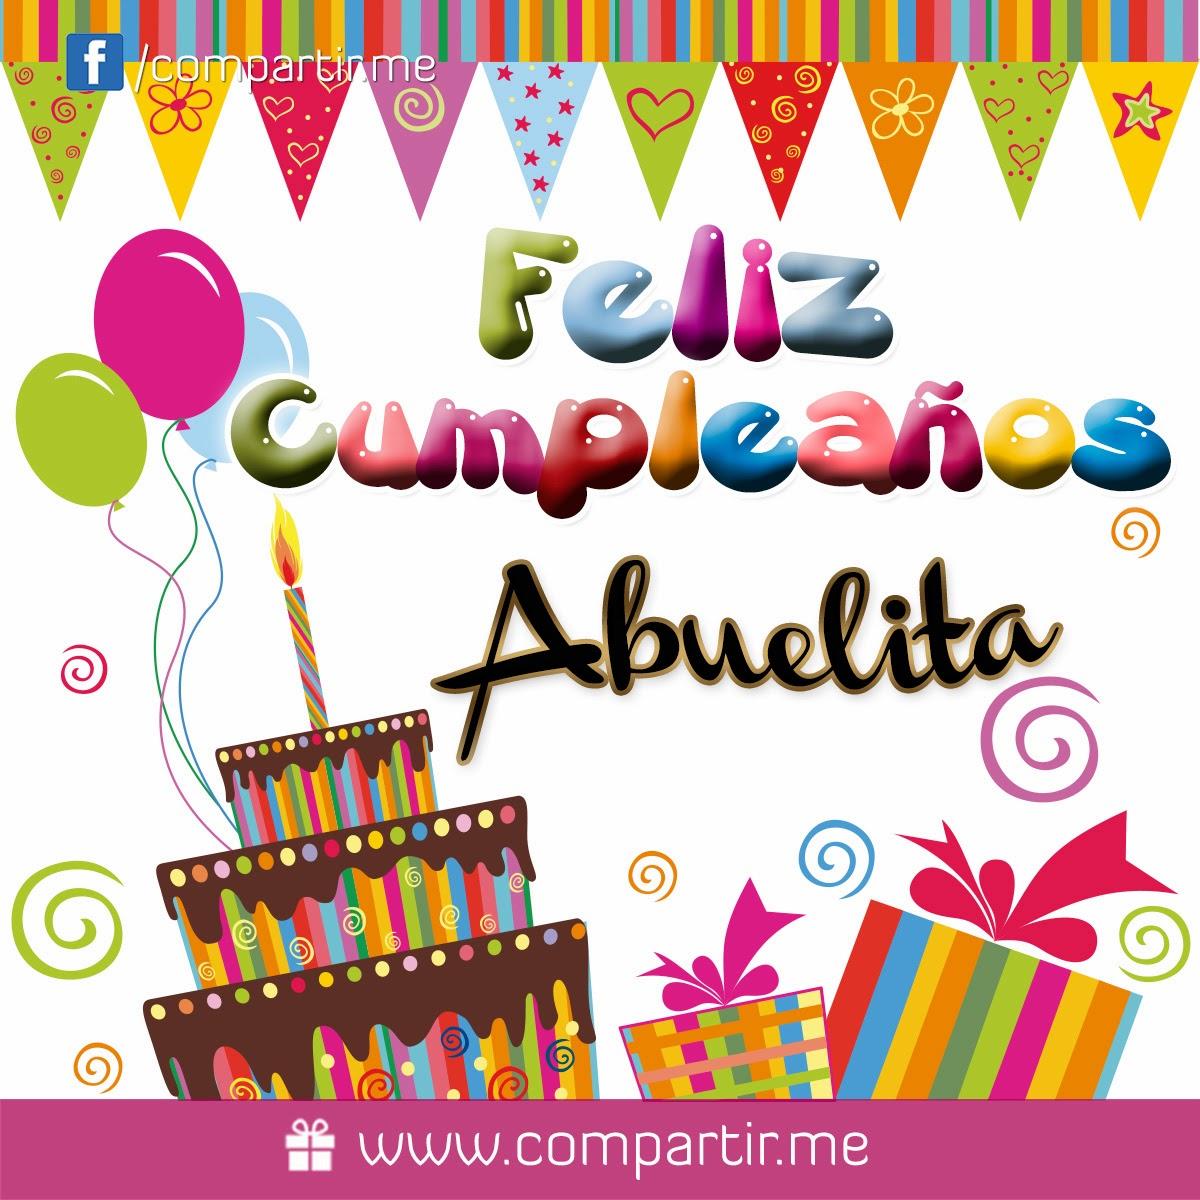 En el día de mi cumpleaños doy gracias a Dios...